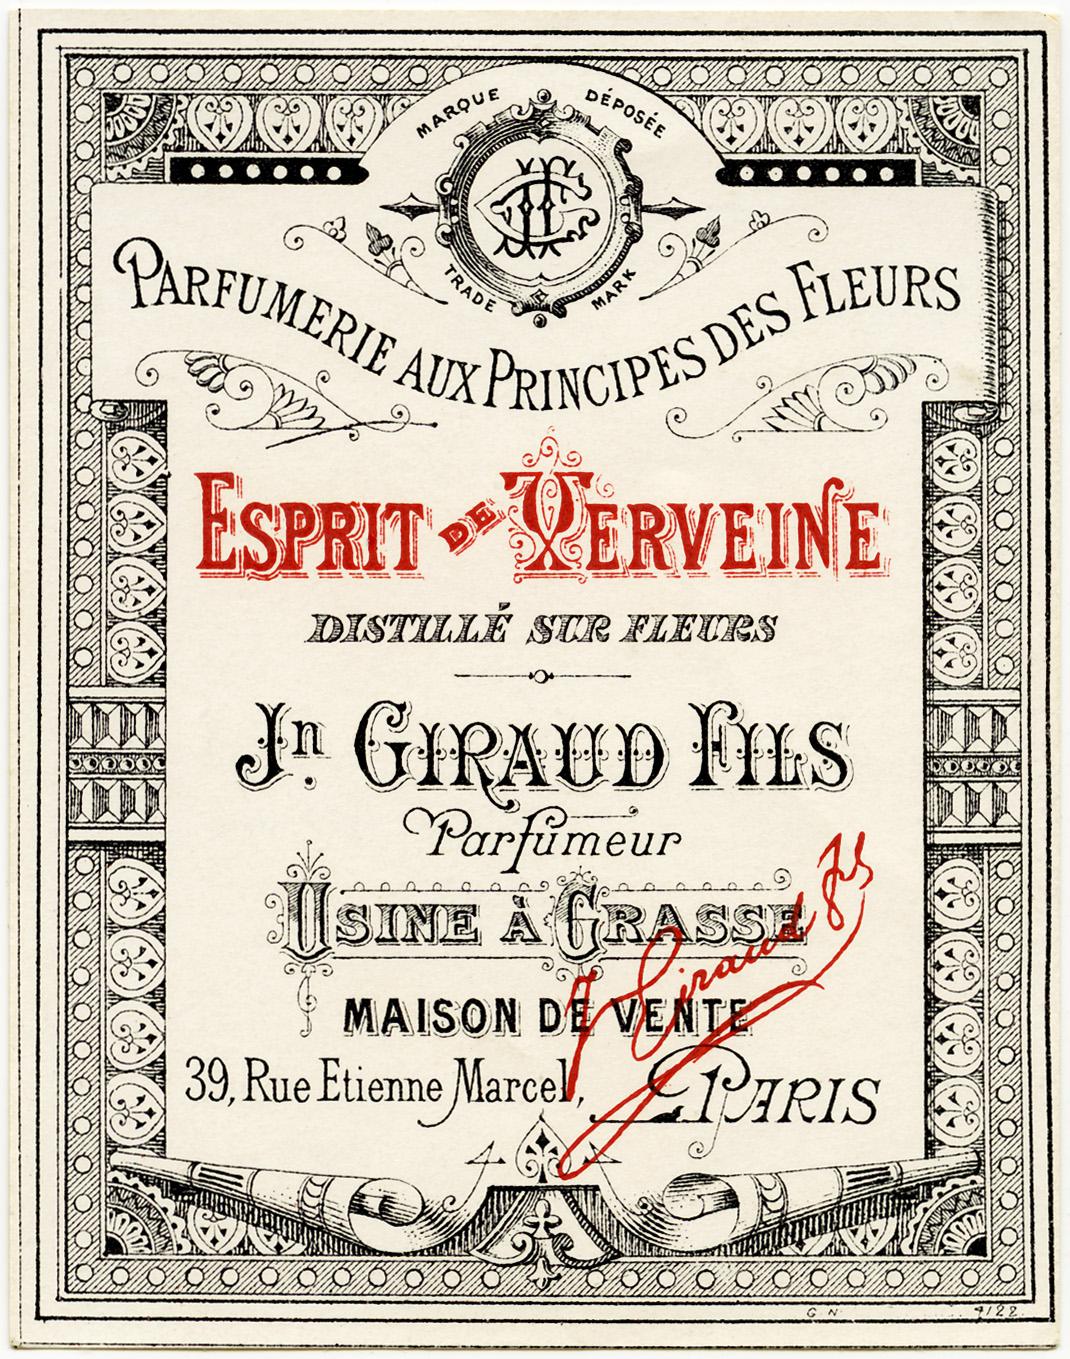 ETIQUETTES PARFUM on Pinterest : Vintage Stuff, Perfume ...